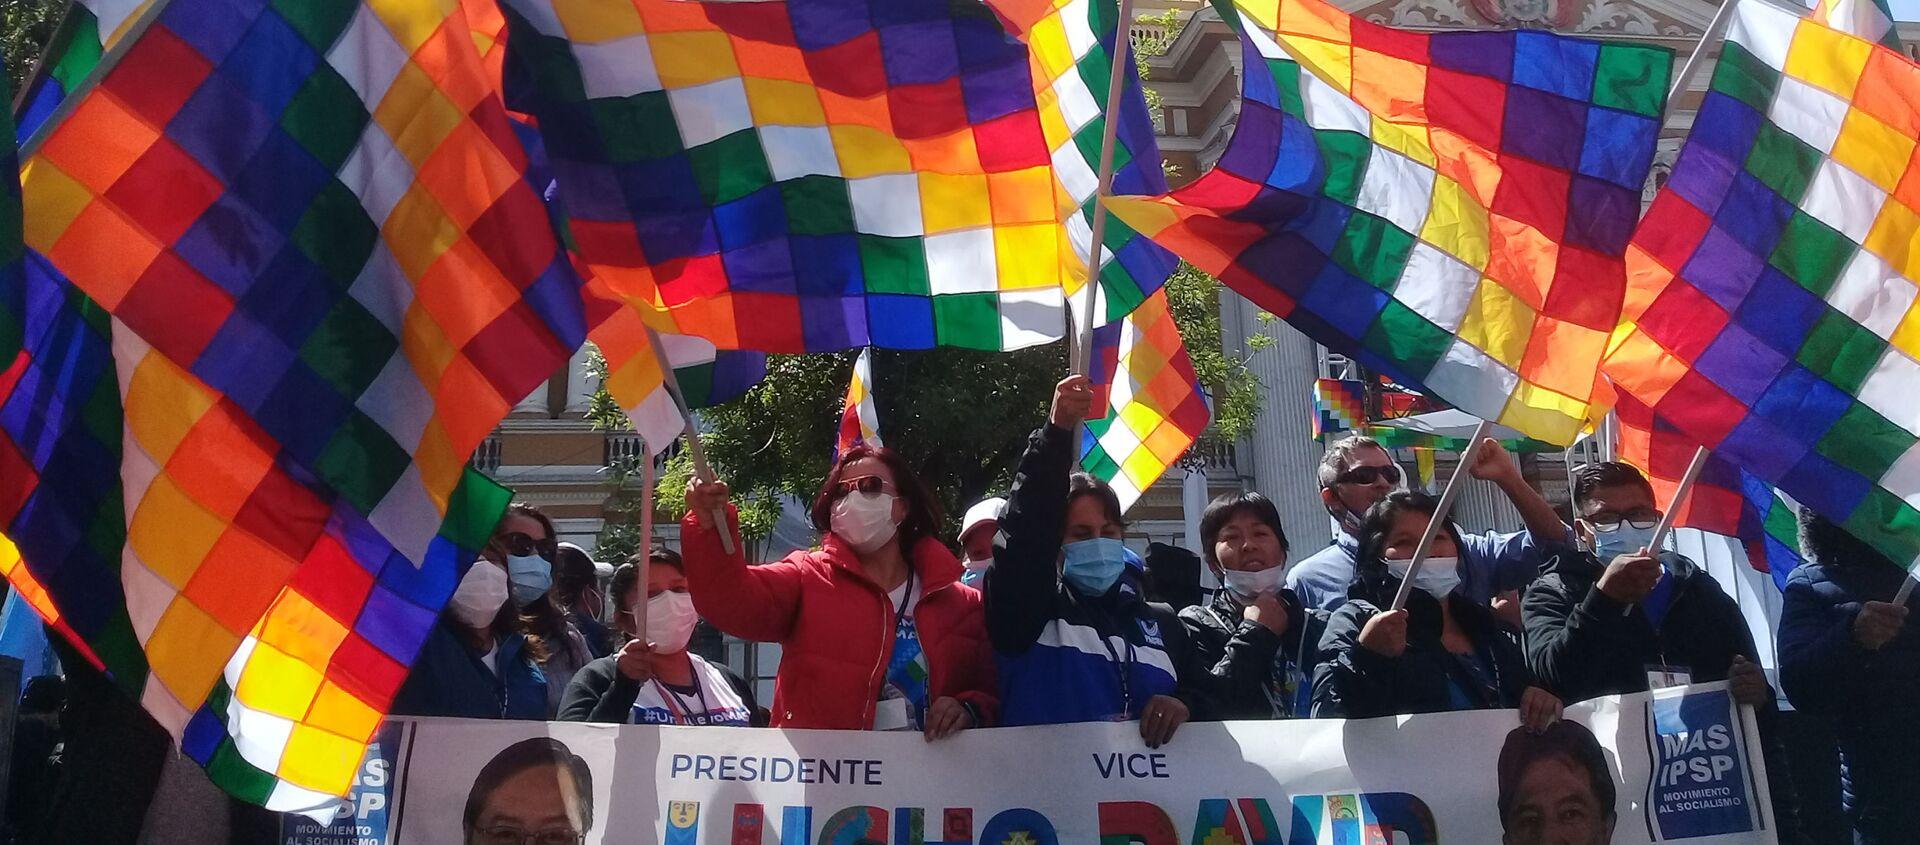 Seguidores de Luis Arce y del Movimiento Al Socialismo durante su asunción en Bolivia - Sputnik Mundo, 1920, 21.12.2020